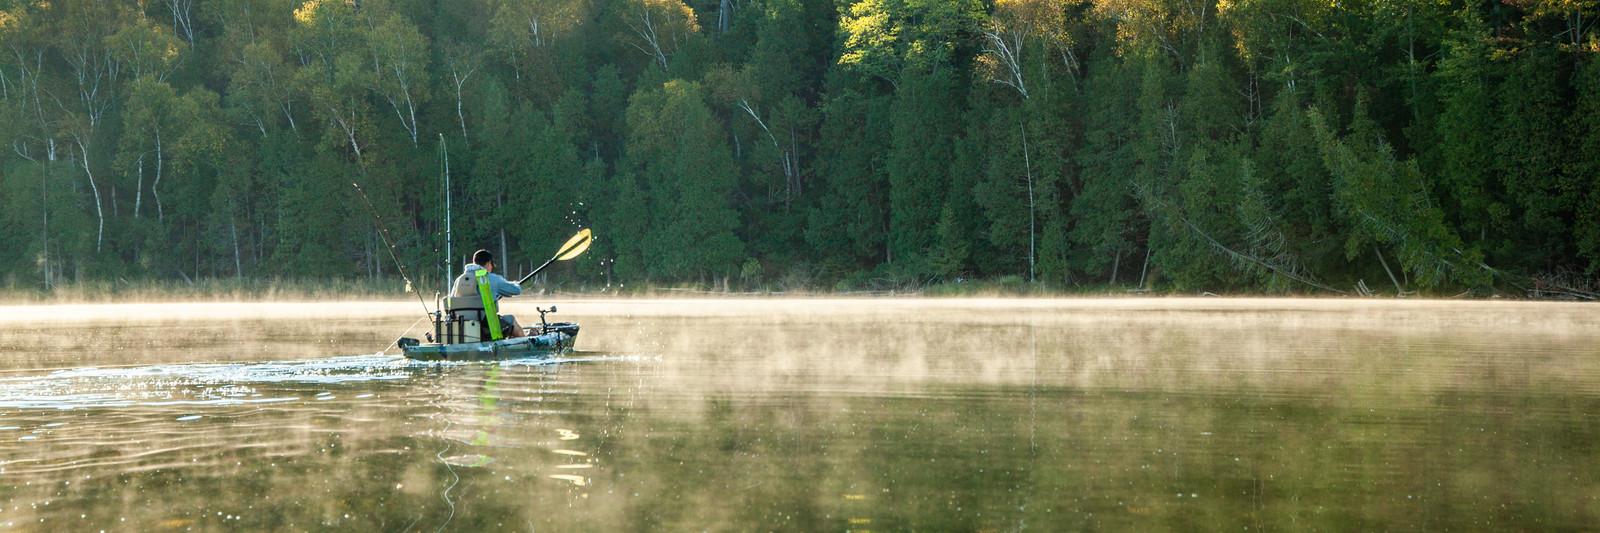 YakAttack® Paddlesports Essentials